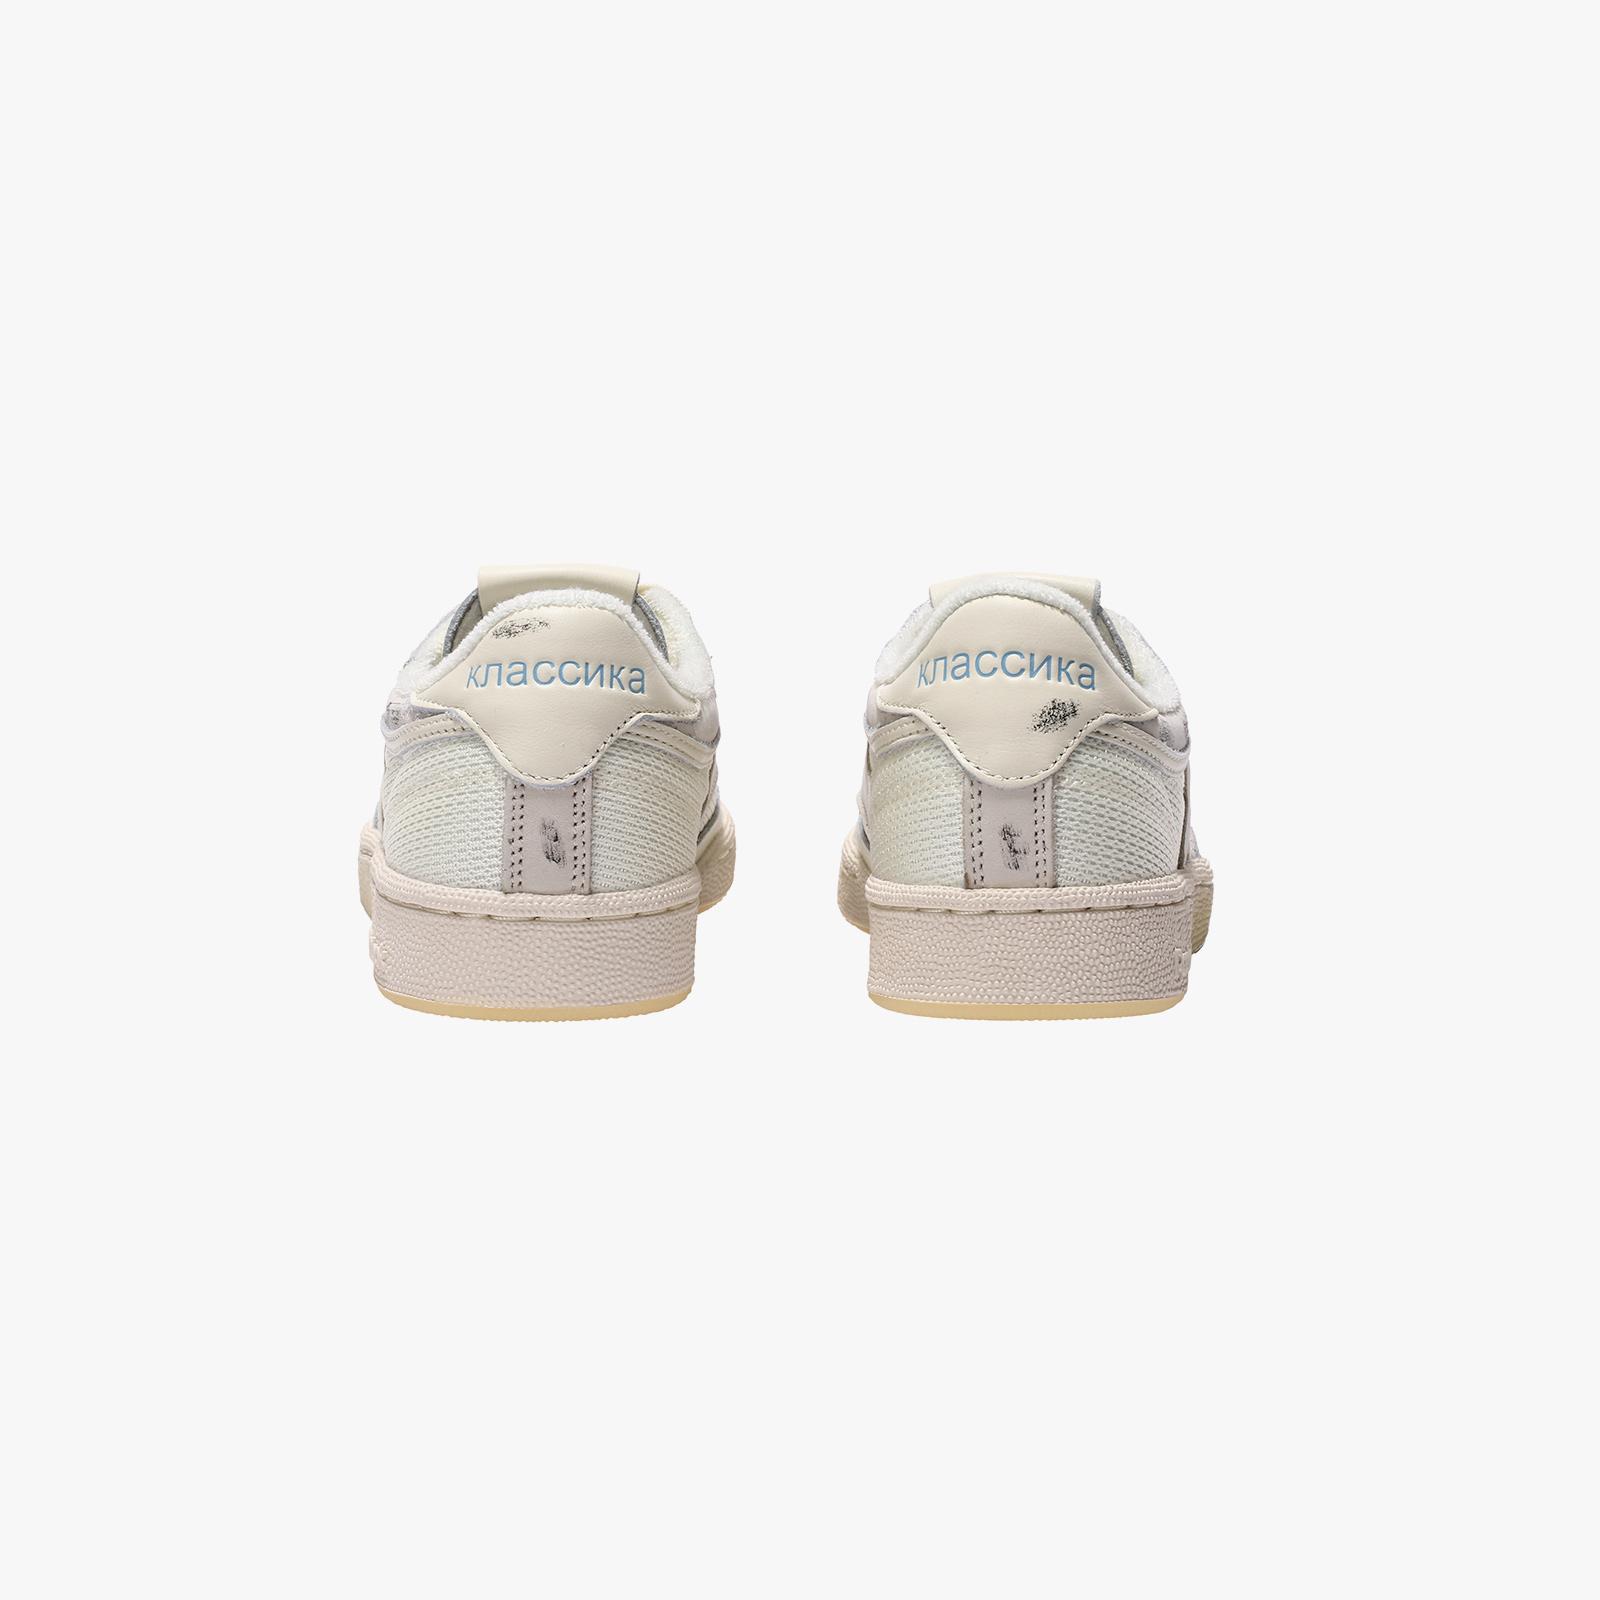 836f252befc241 Sneakersnstuff X Club Shame Walk Cn6982 Reebok C of 85 7T1qWgw4